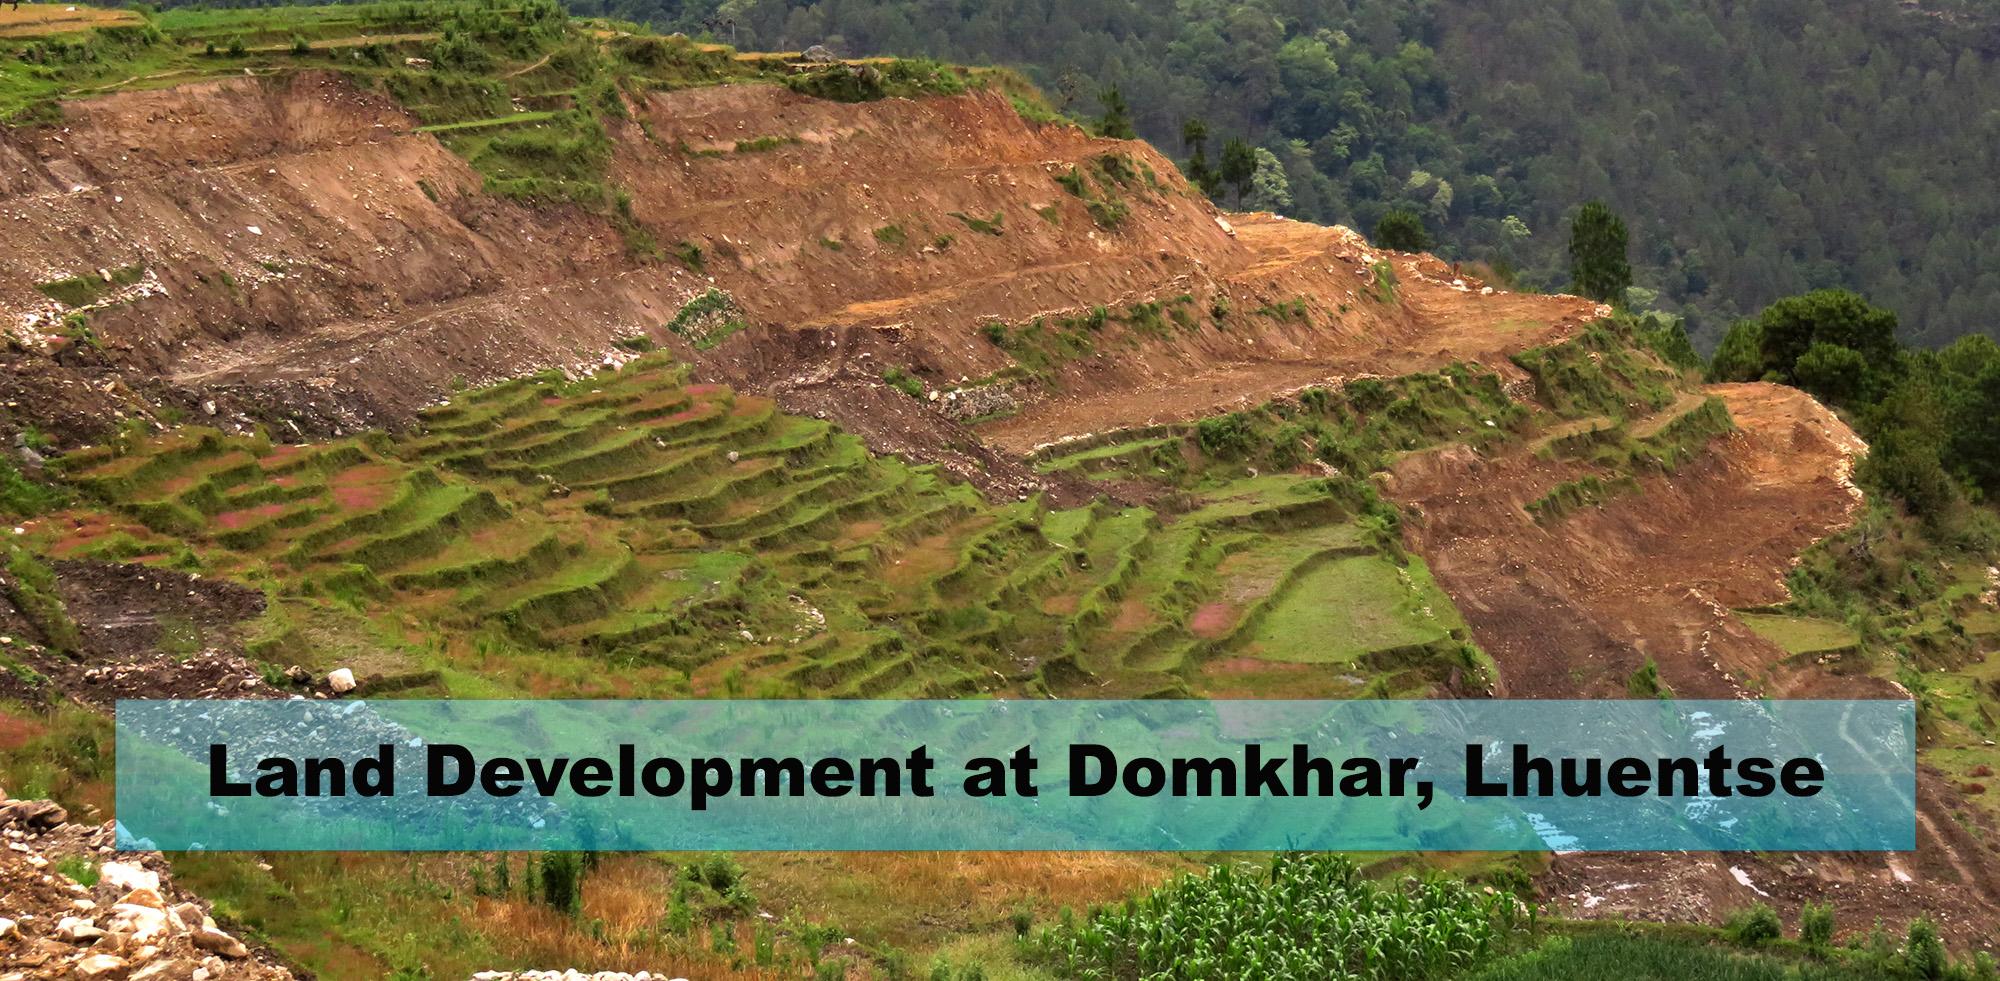 domkhar-land-development